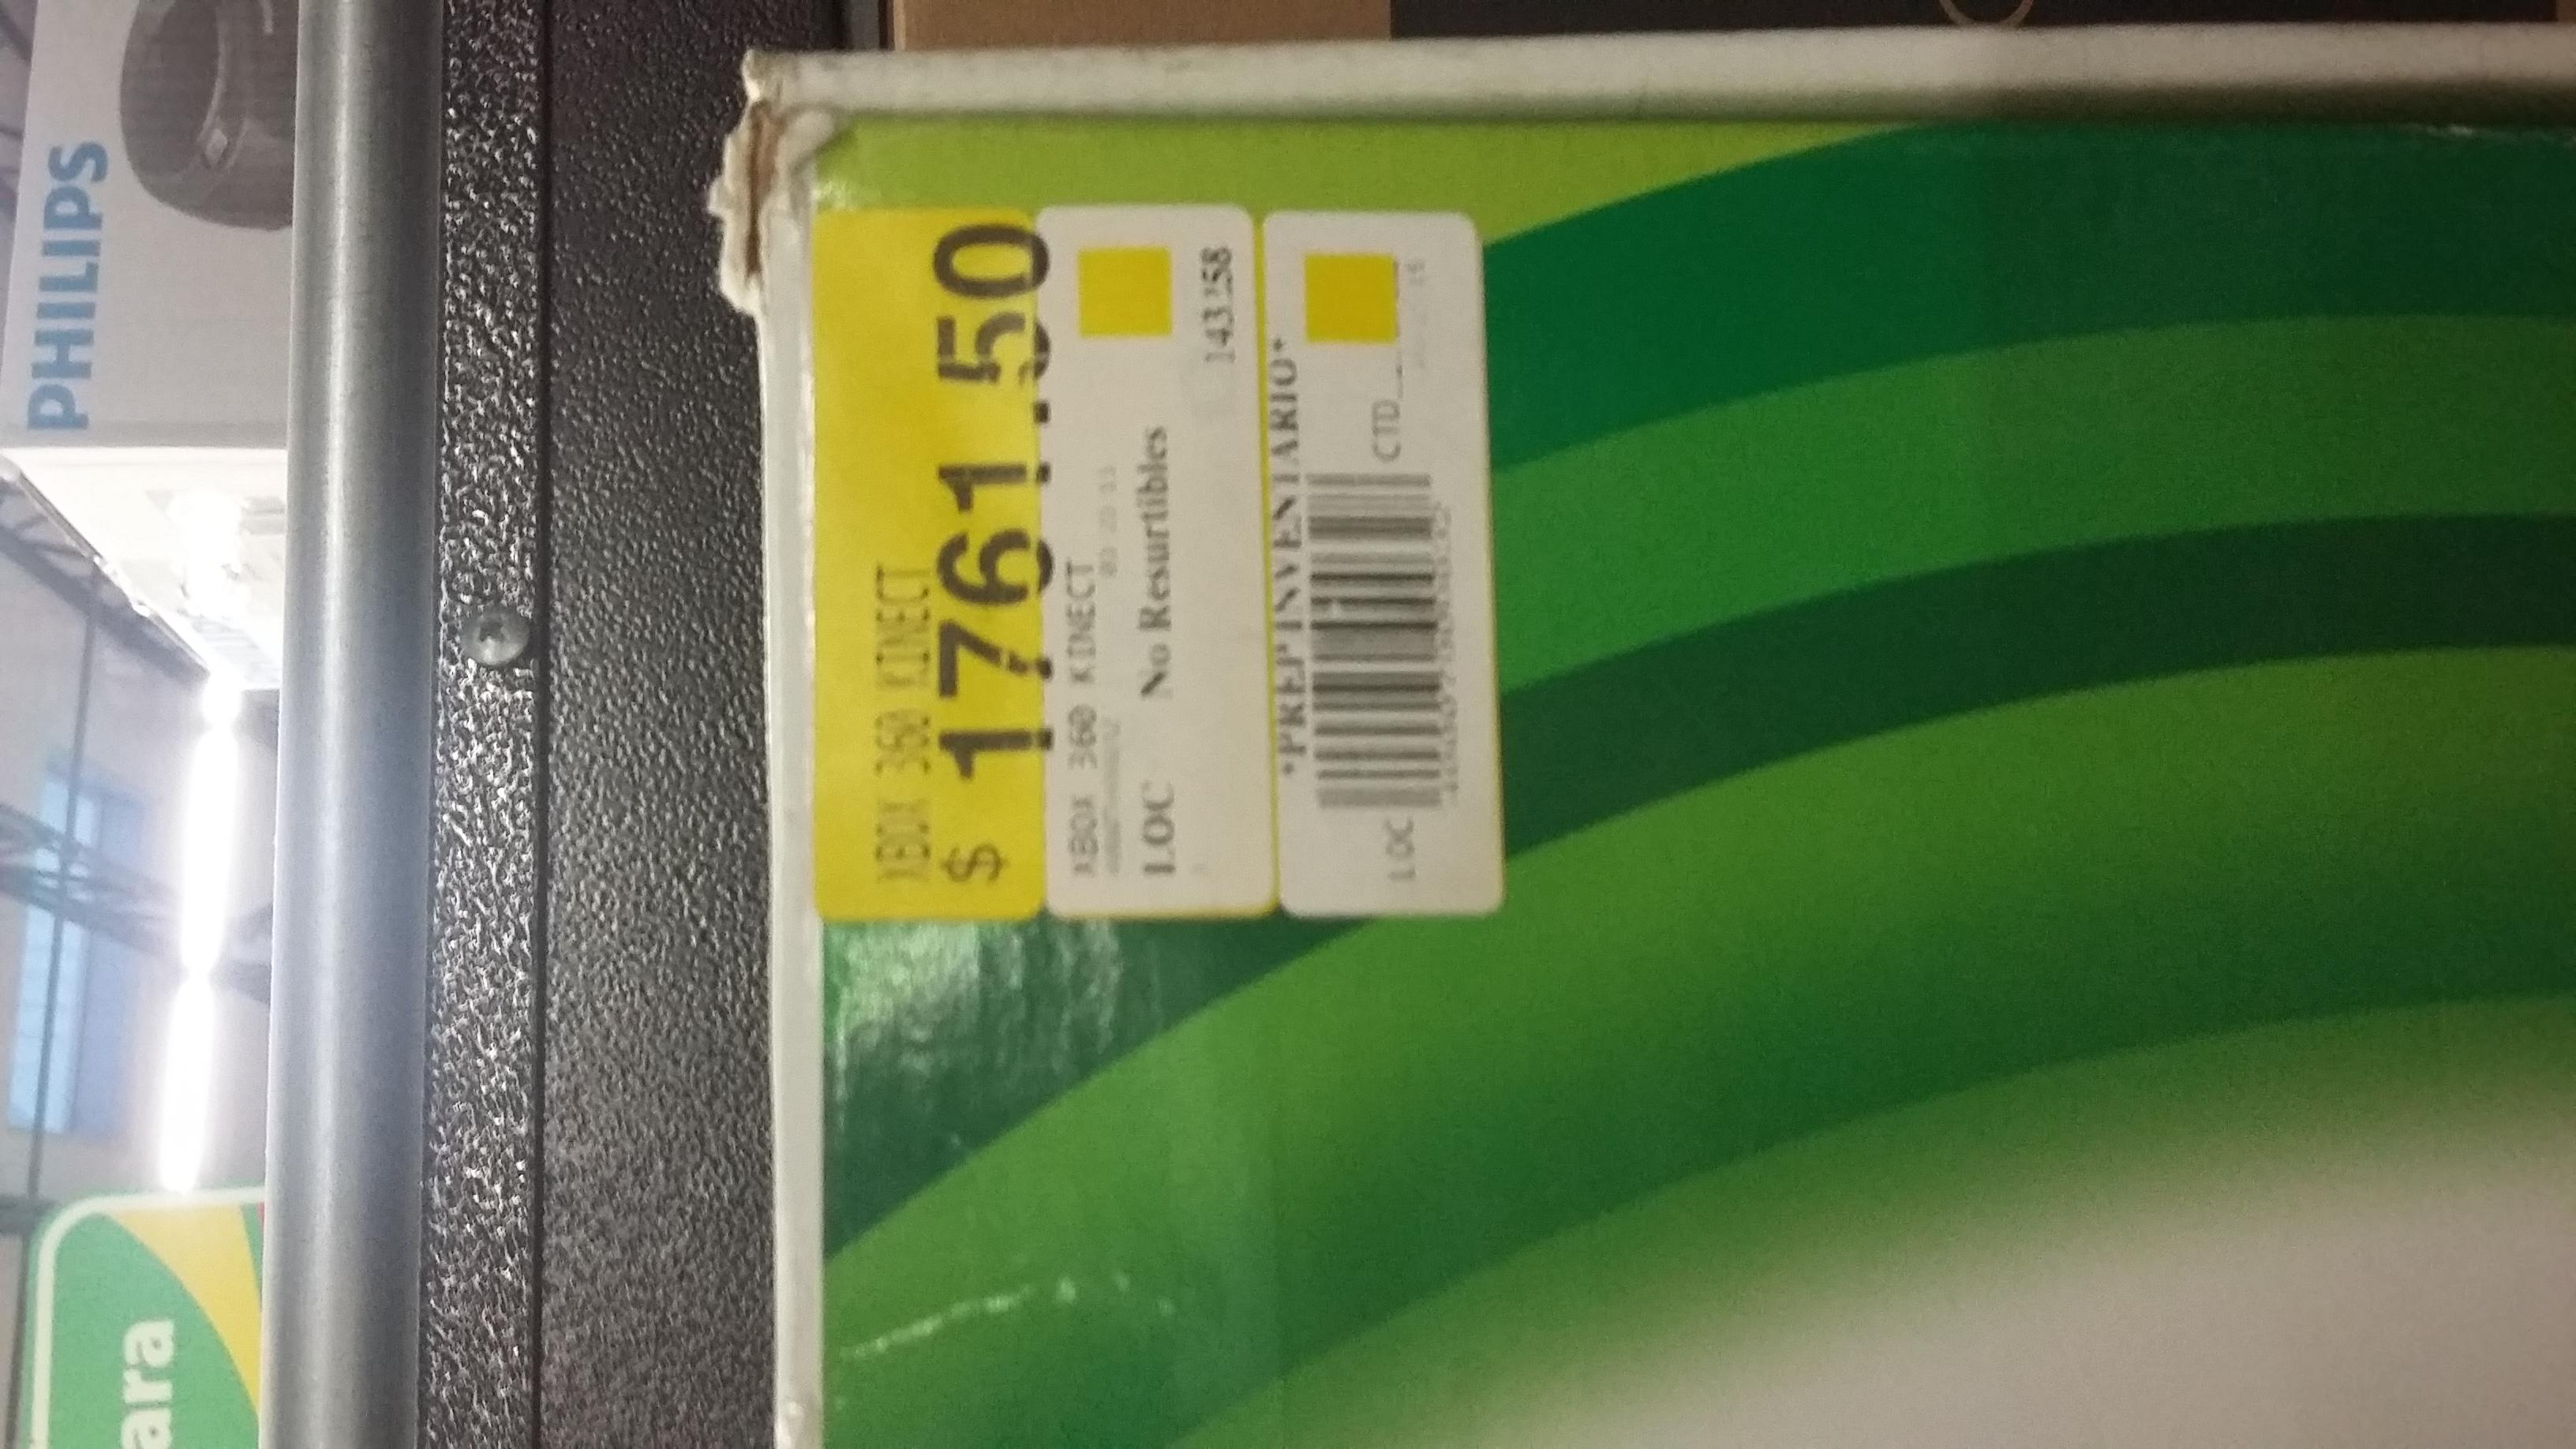 Bodega Aurrerá: Xbox 360 de 4GB con Kinect a $1,762 (reacondicionado)